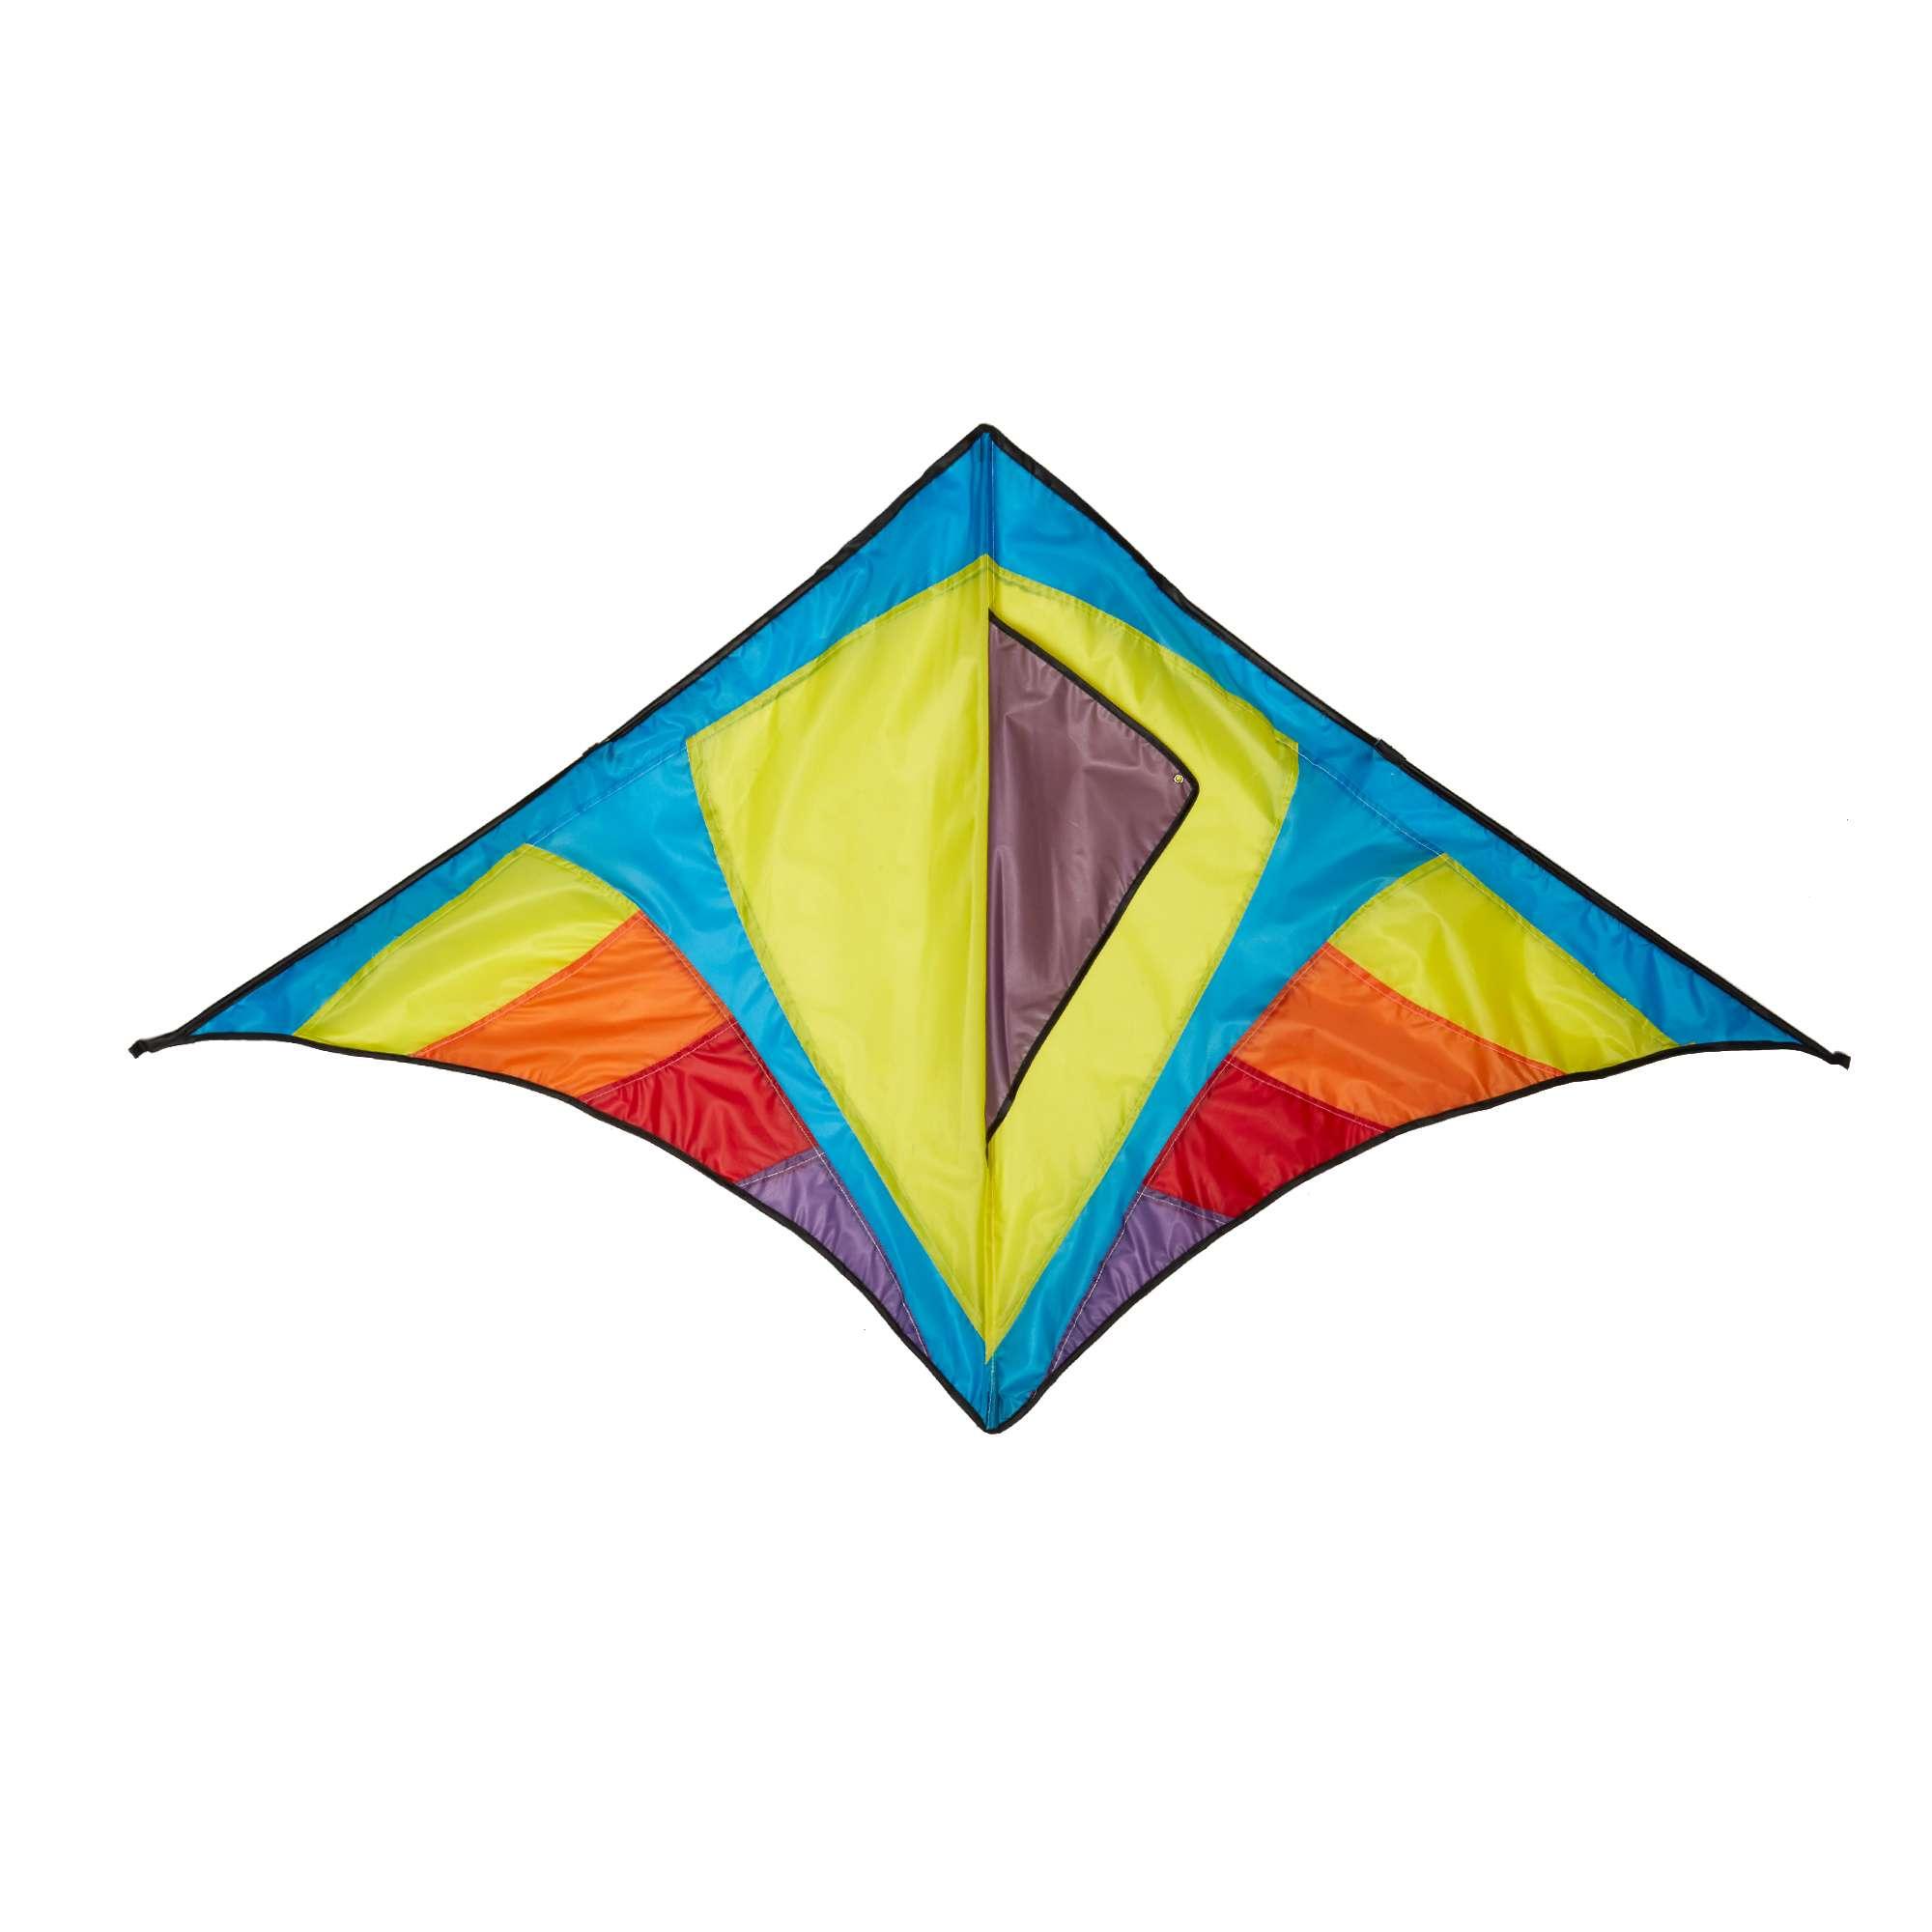 BOYZ TOYS Kite